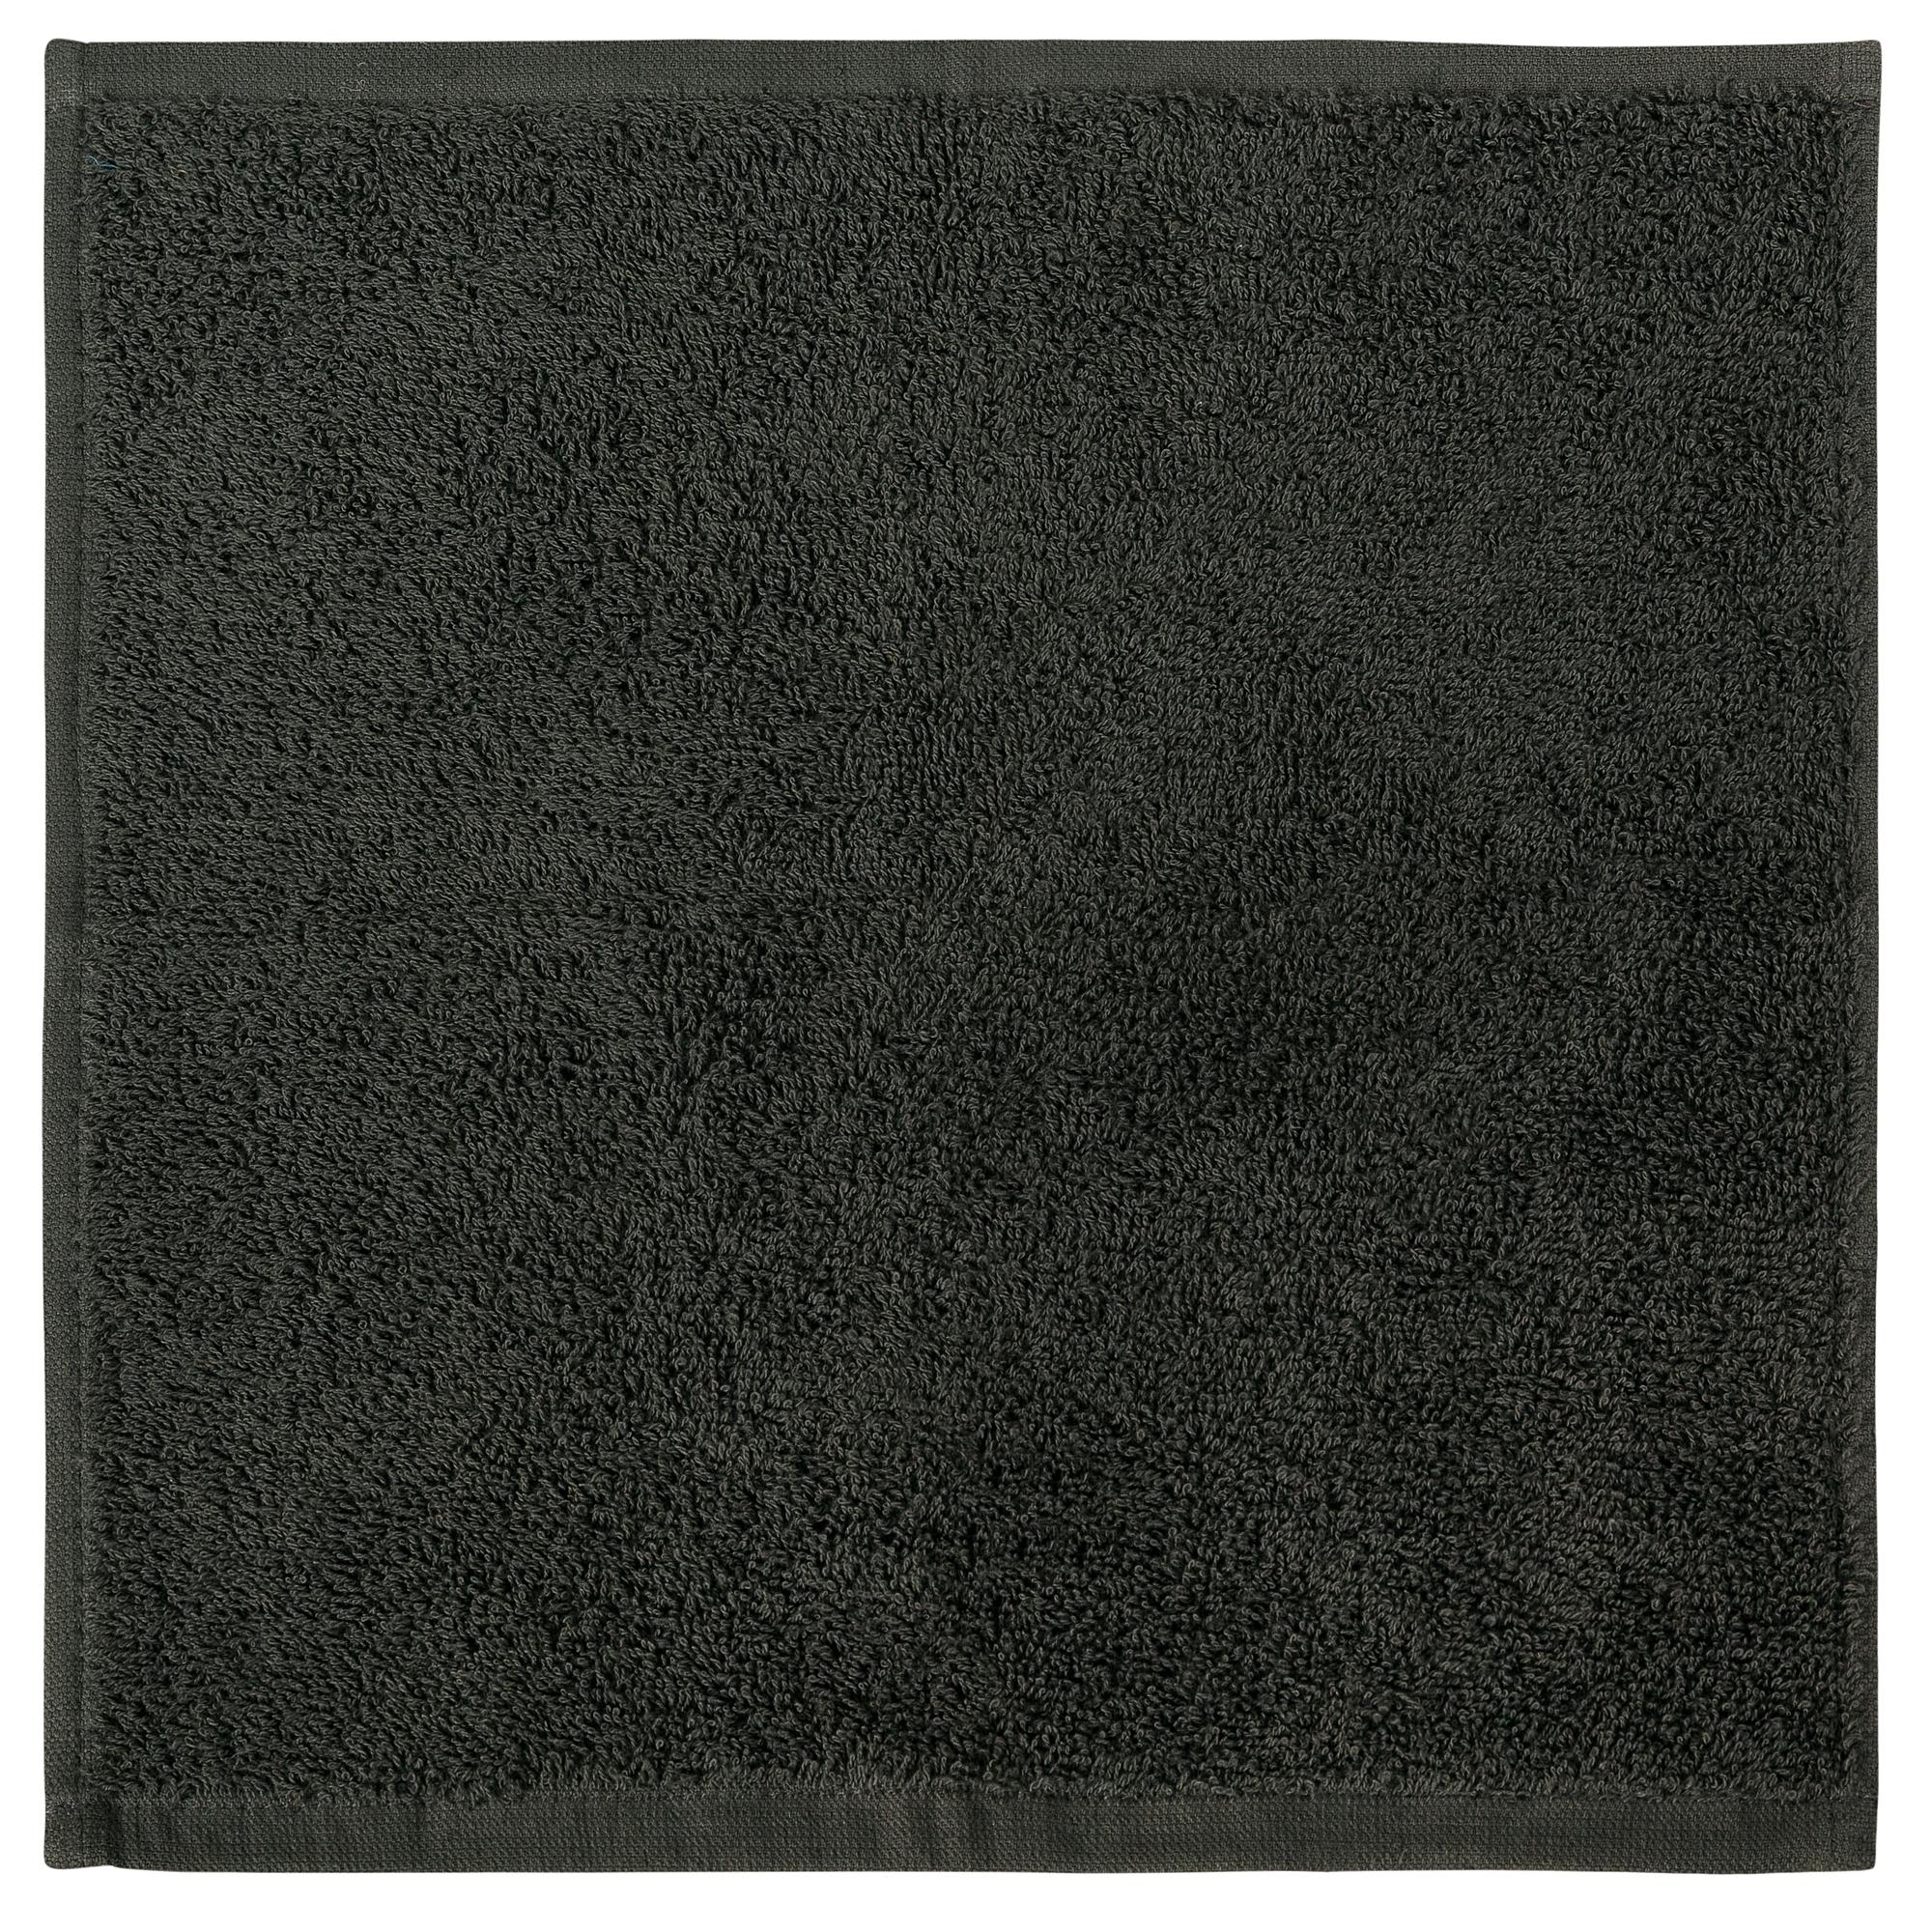 Bale Set 24pcs Charcoal Plain Face Towel